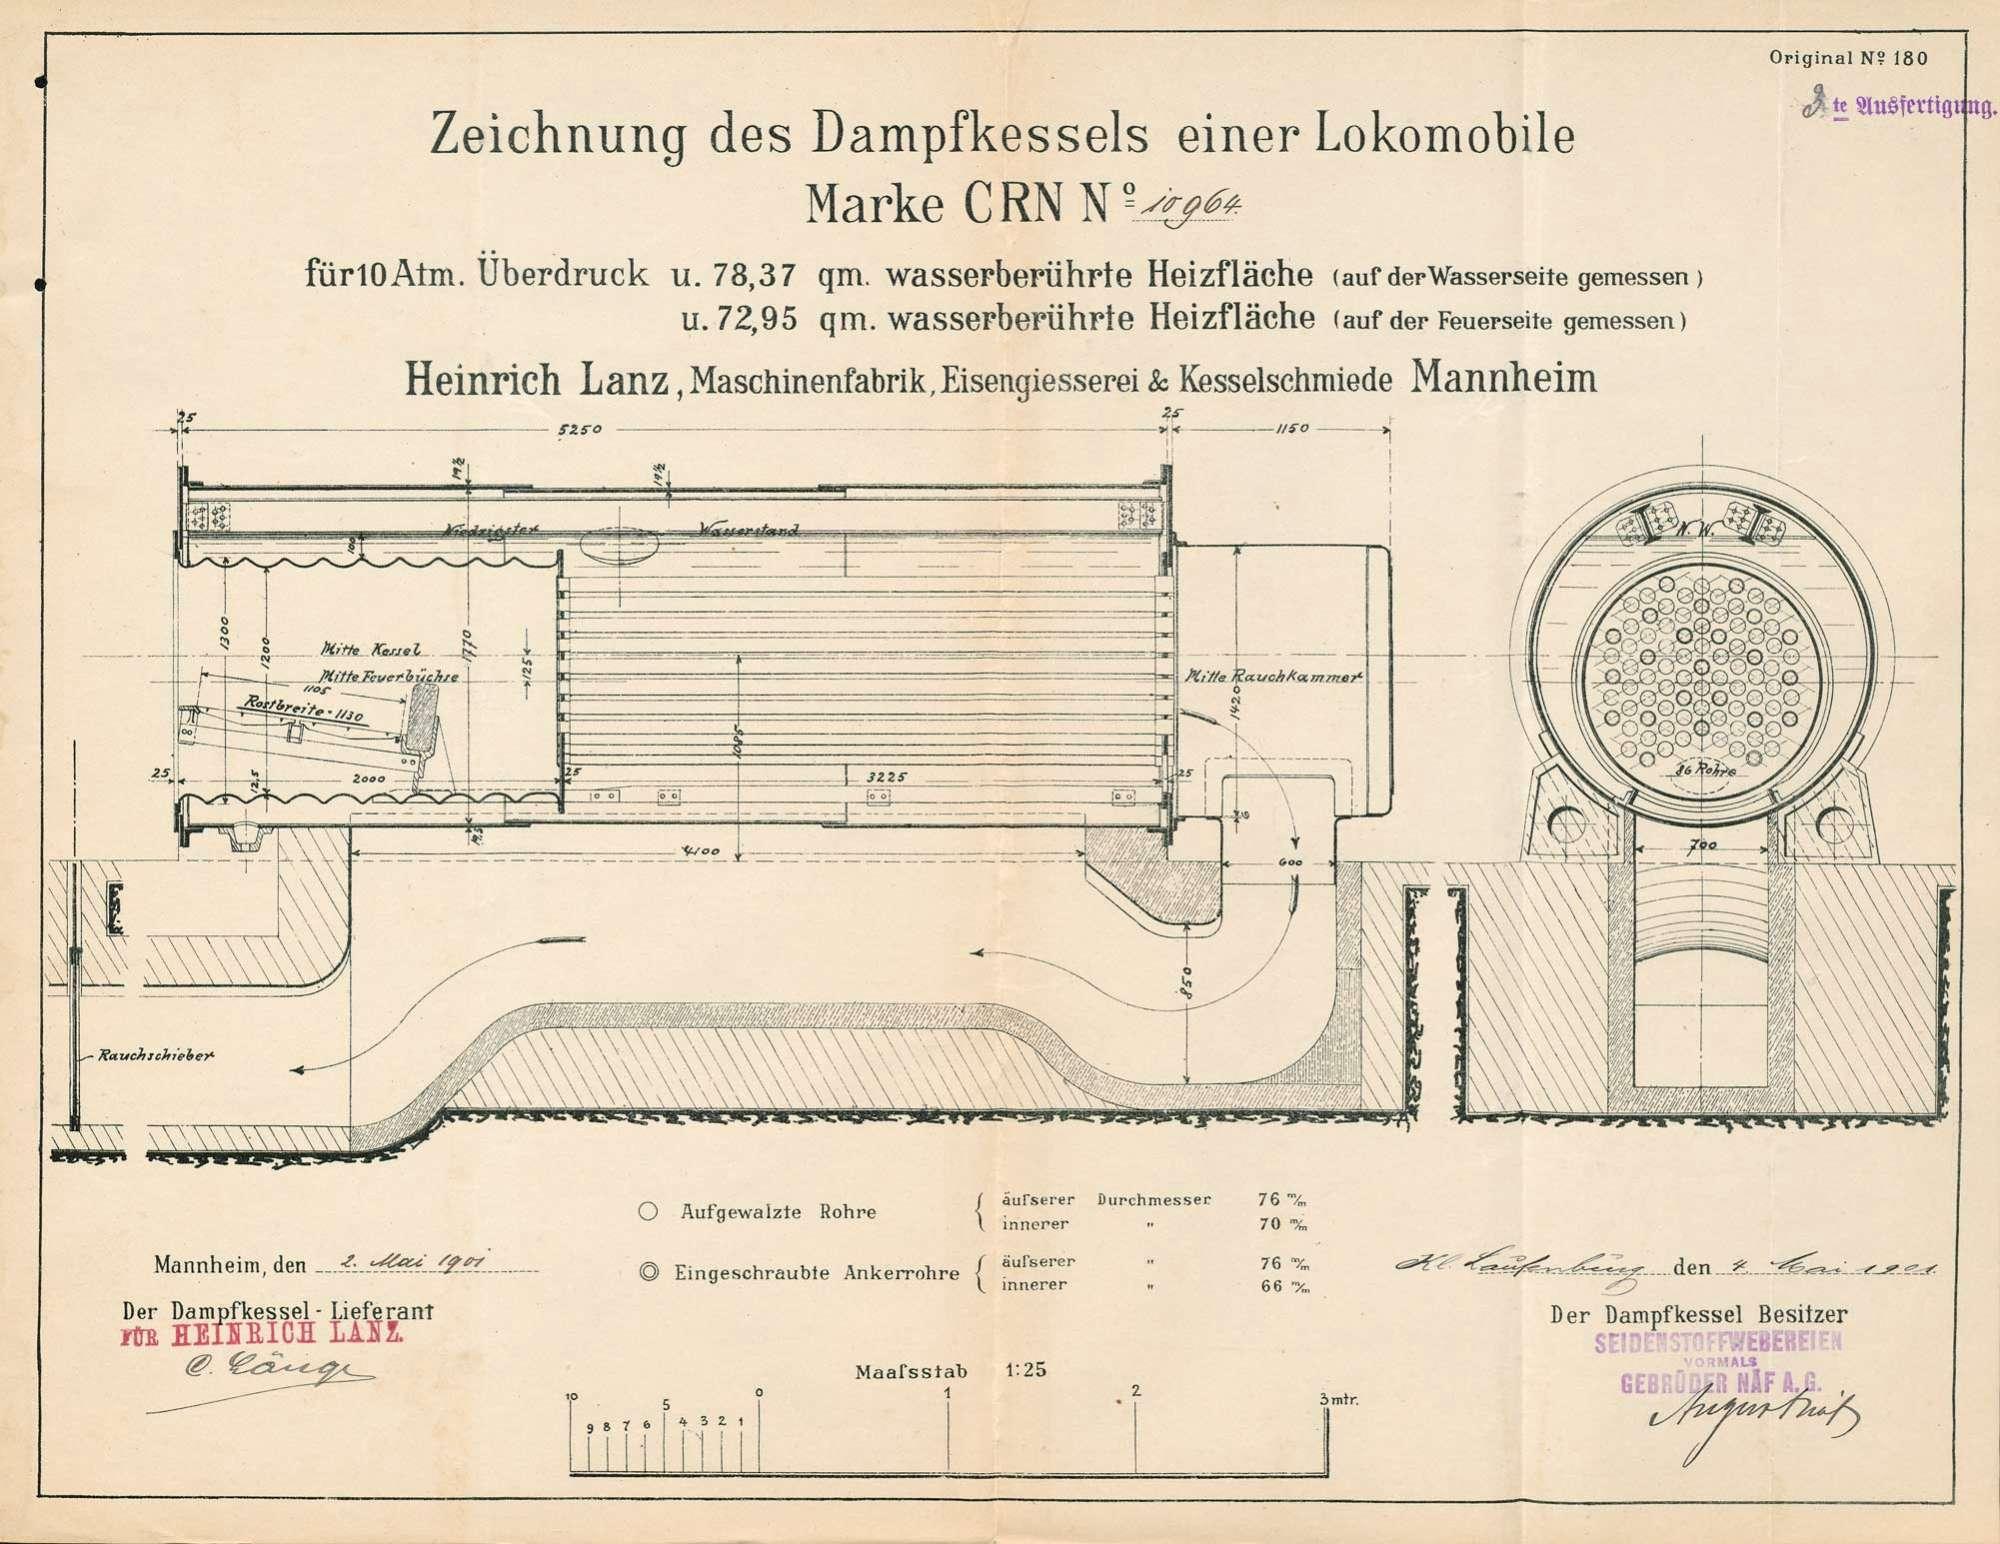 Dampfkessel der Firma Seidenstoffweberei (vormals Gebrüder Näf AG) in Kleinlaufenburg, Bild 1